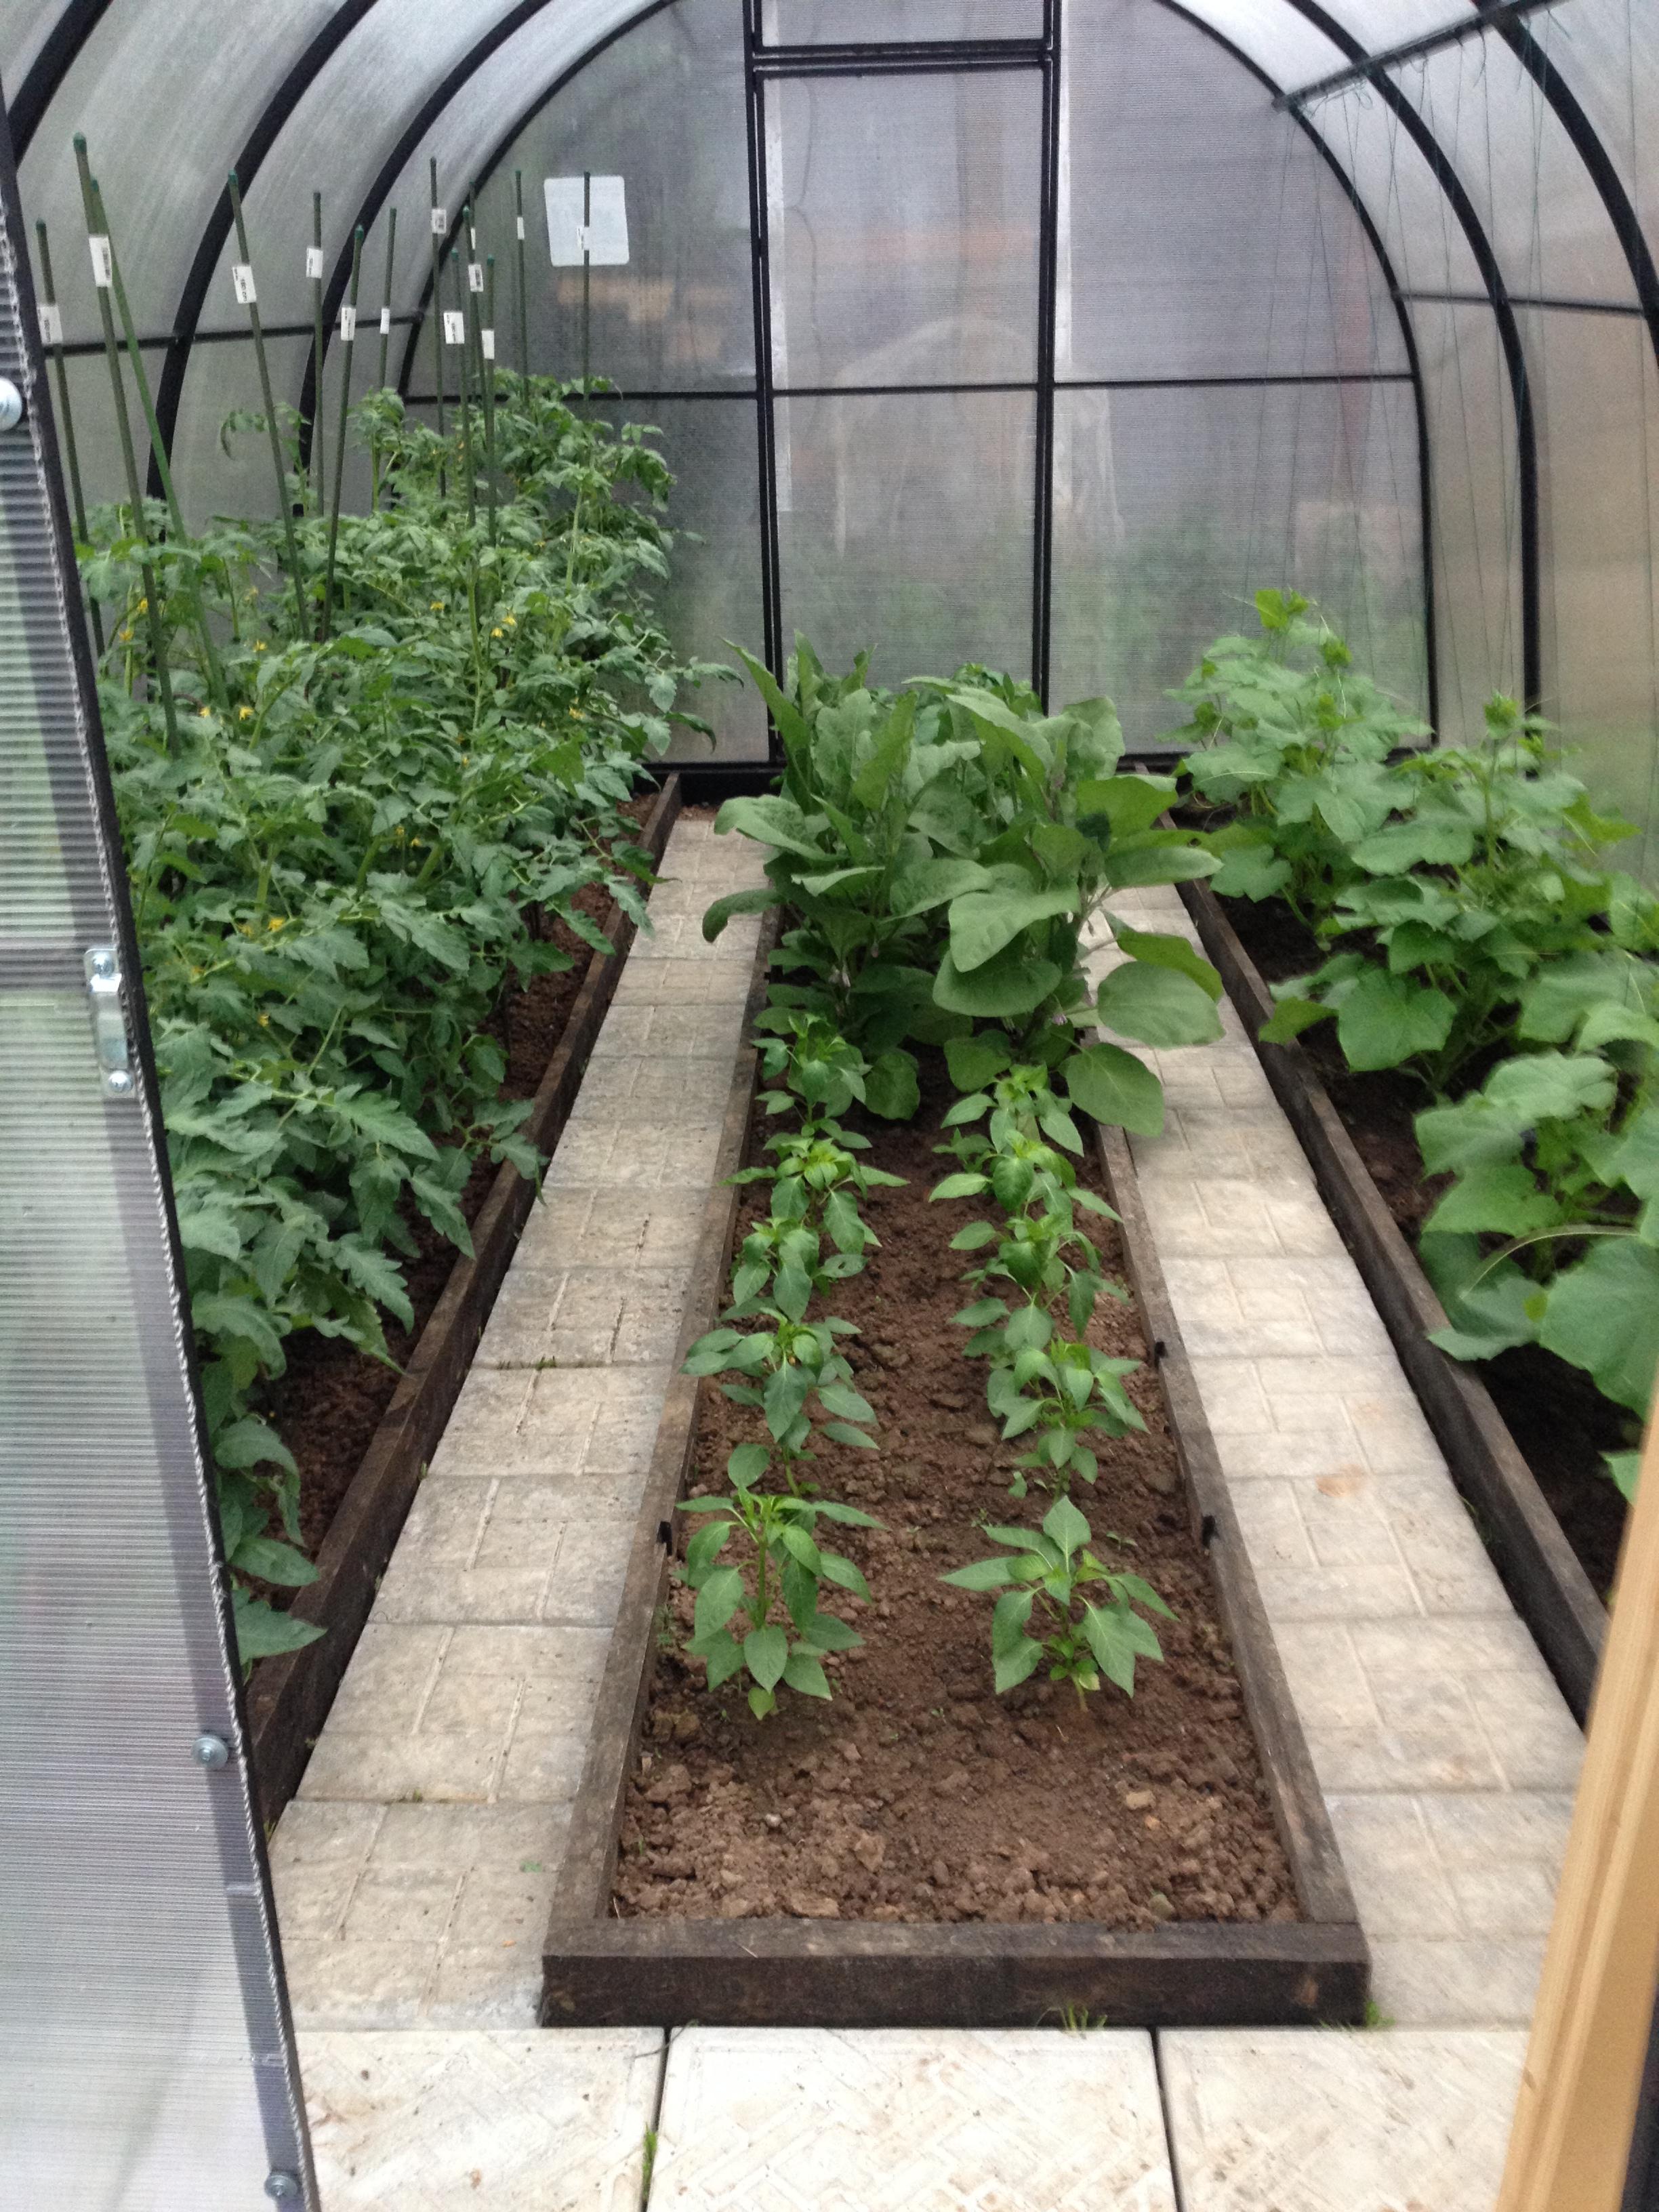 Огурцы : что можно посадить в одной теплице вместе с овощем 12